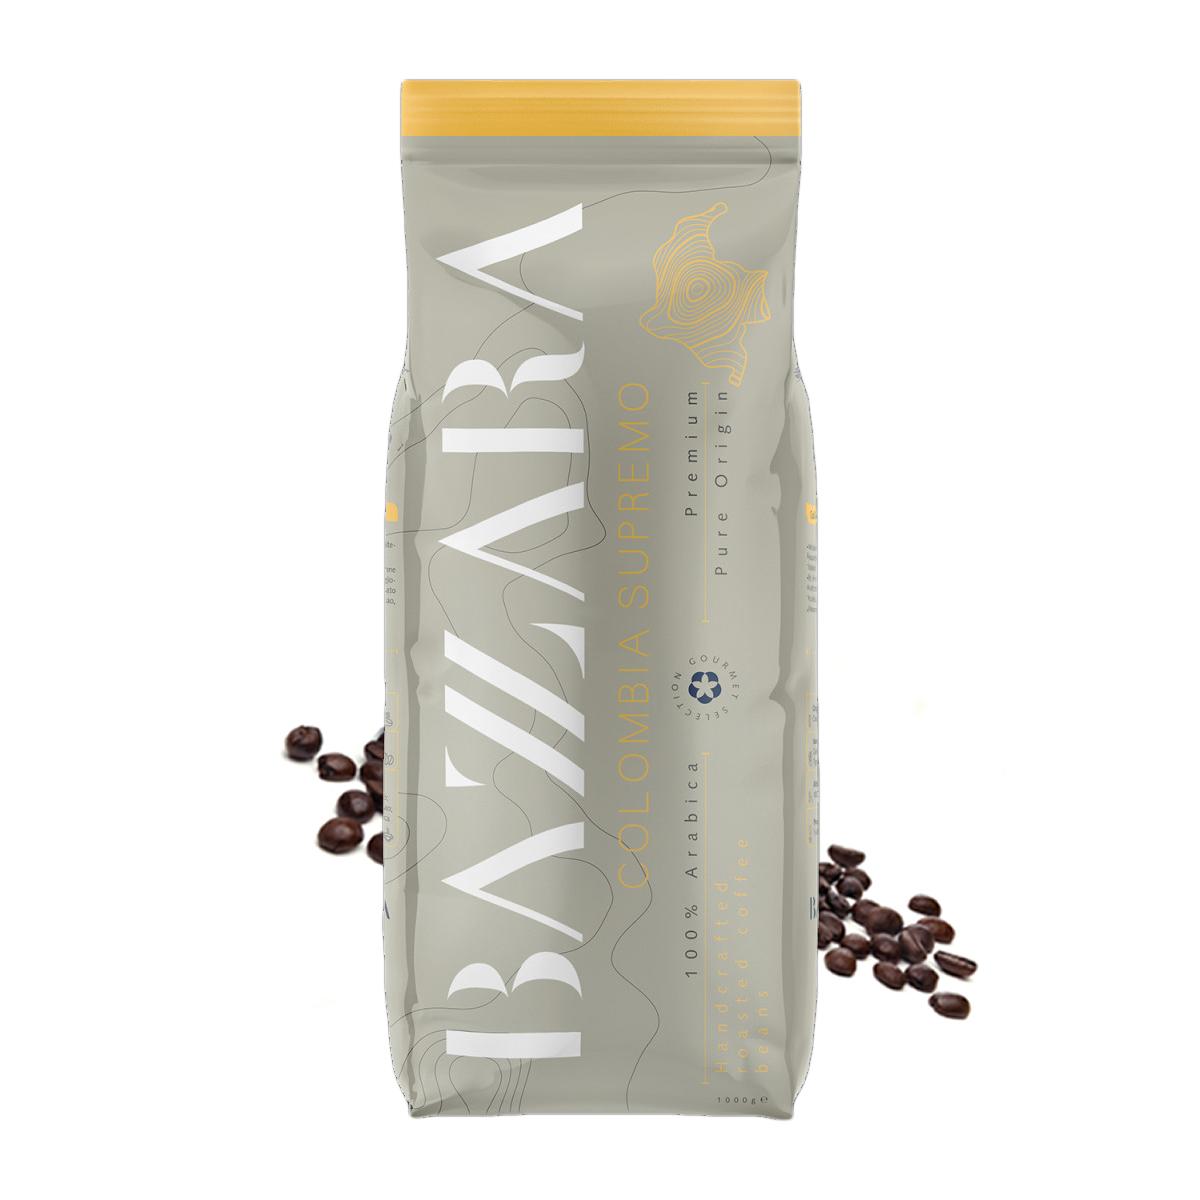 Bazzara Columbia Supremo cafea boabe de origine 1 kg